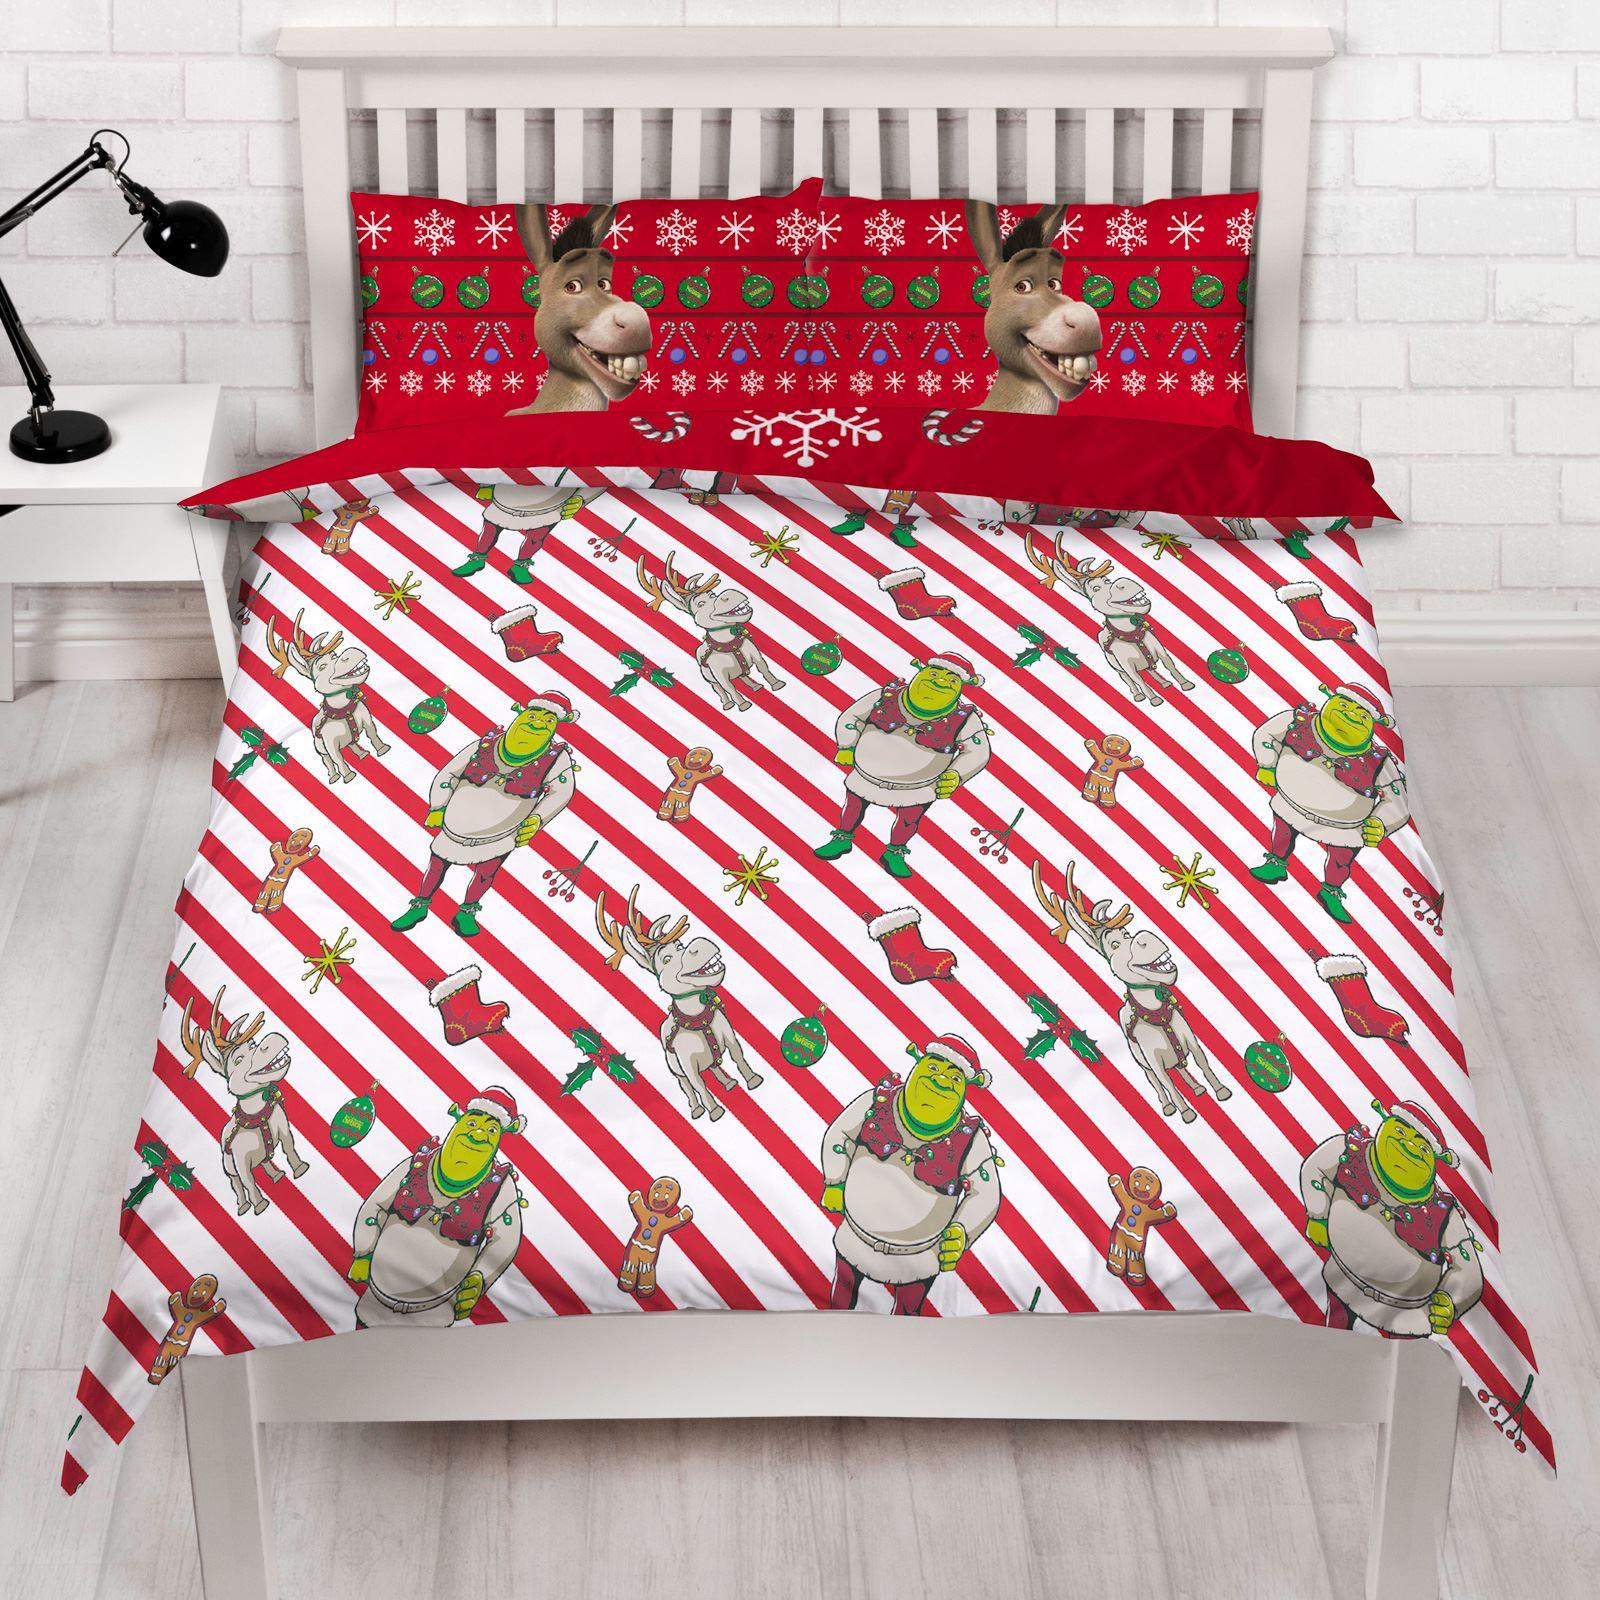 Indexbild 46 - Kinder Weihnachten Bettbezug Sets - Junior Einzel Doppel King - Elf Emoji Grinch